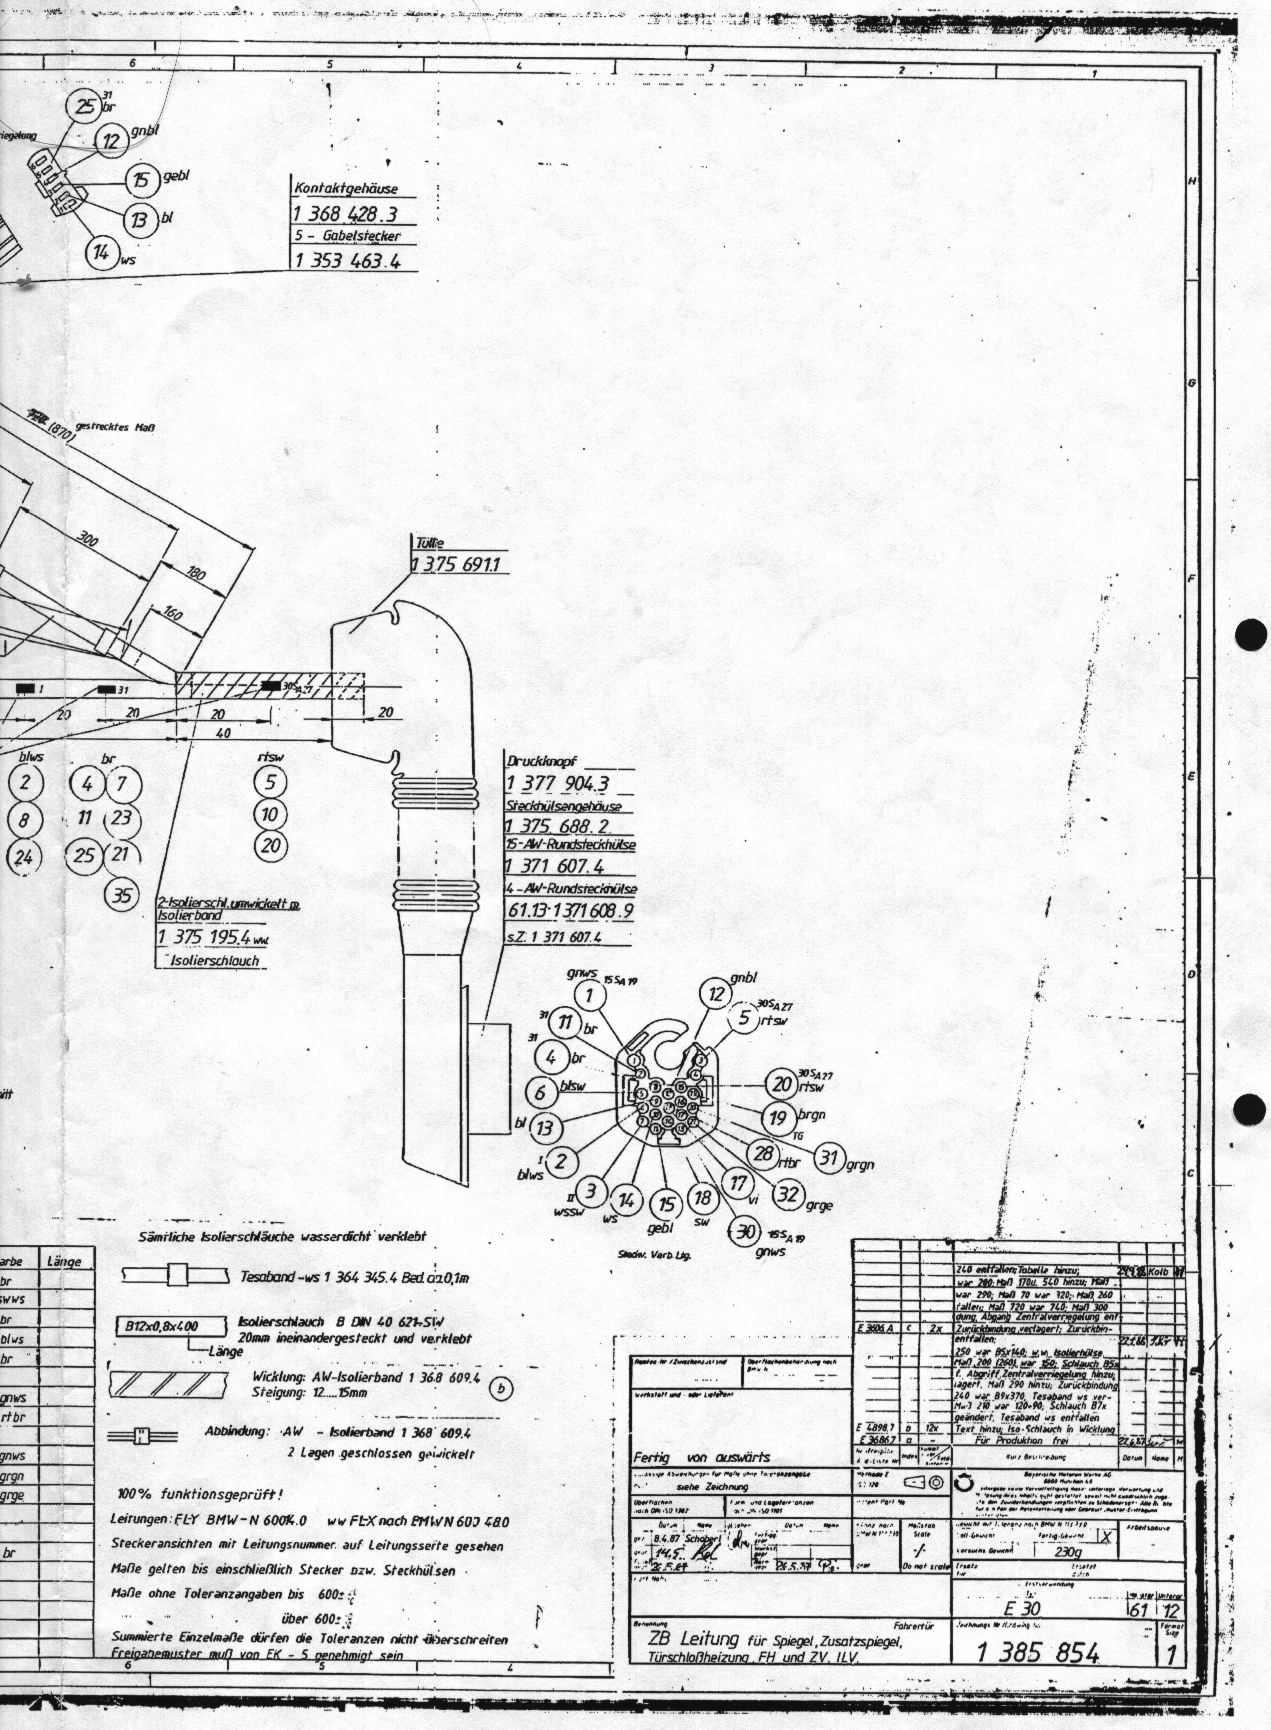 Tolle Bmw E30 Schaltplan Galerie - Der Schaltplan - traveltopus.info